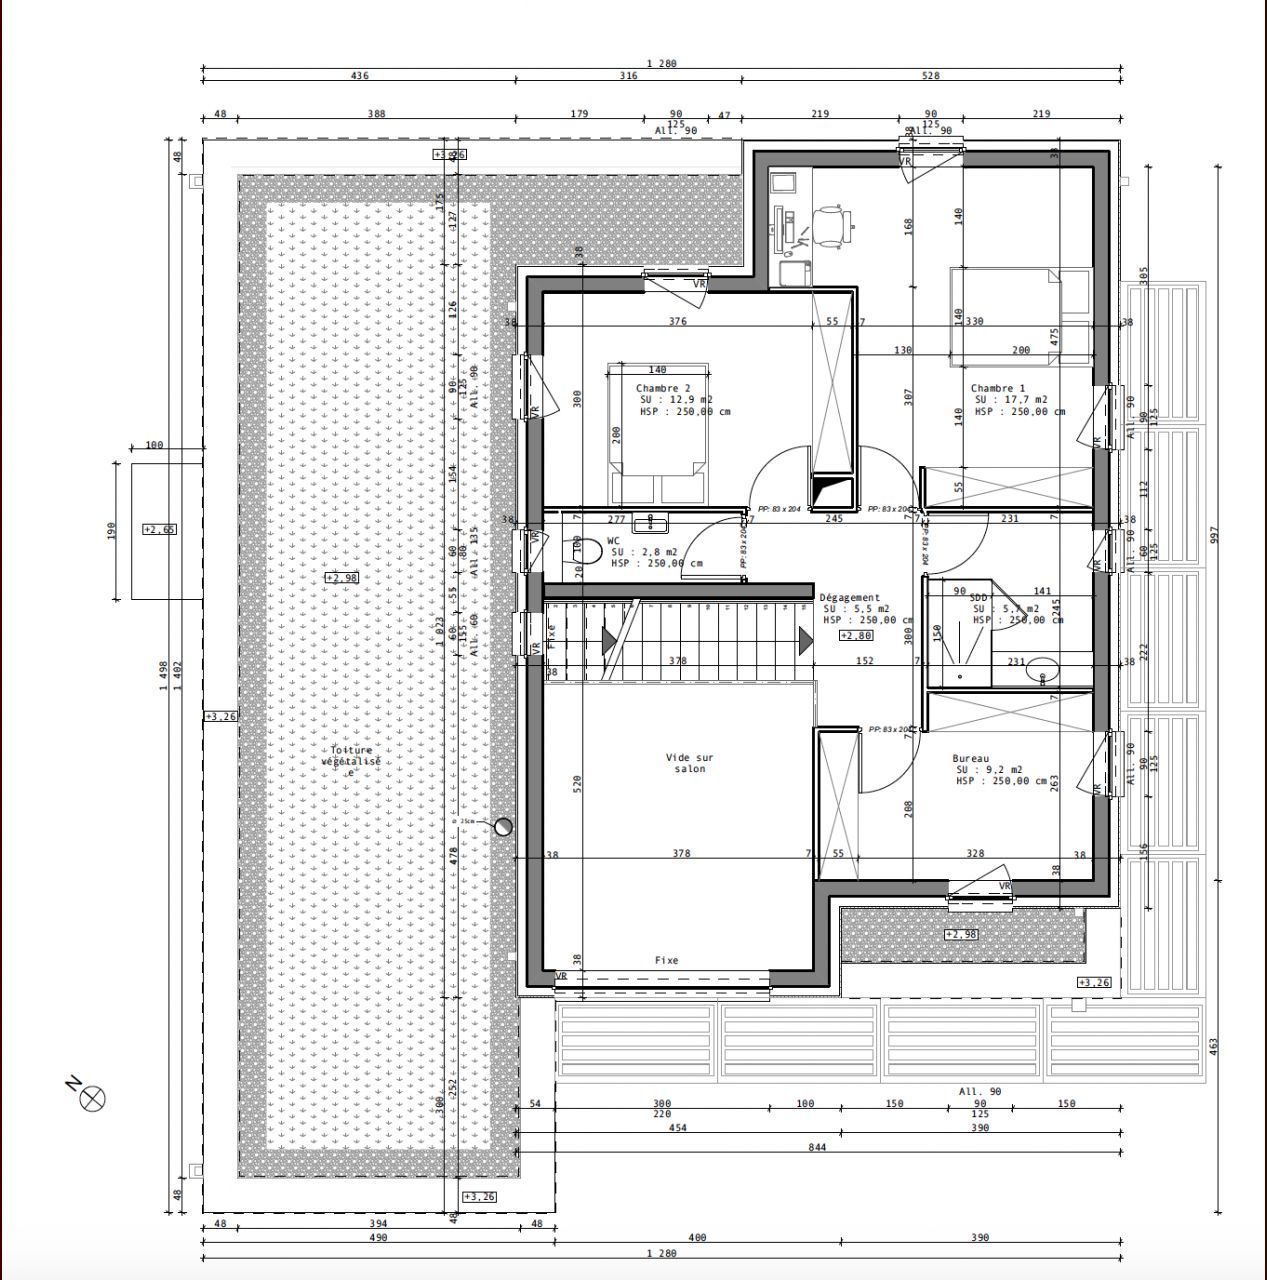 avis sur plan de notre future maison cubik de 200m2 67 messages page - Plan Maison Plain Pied 200m2